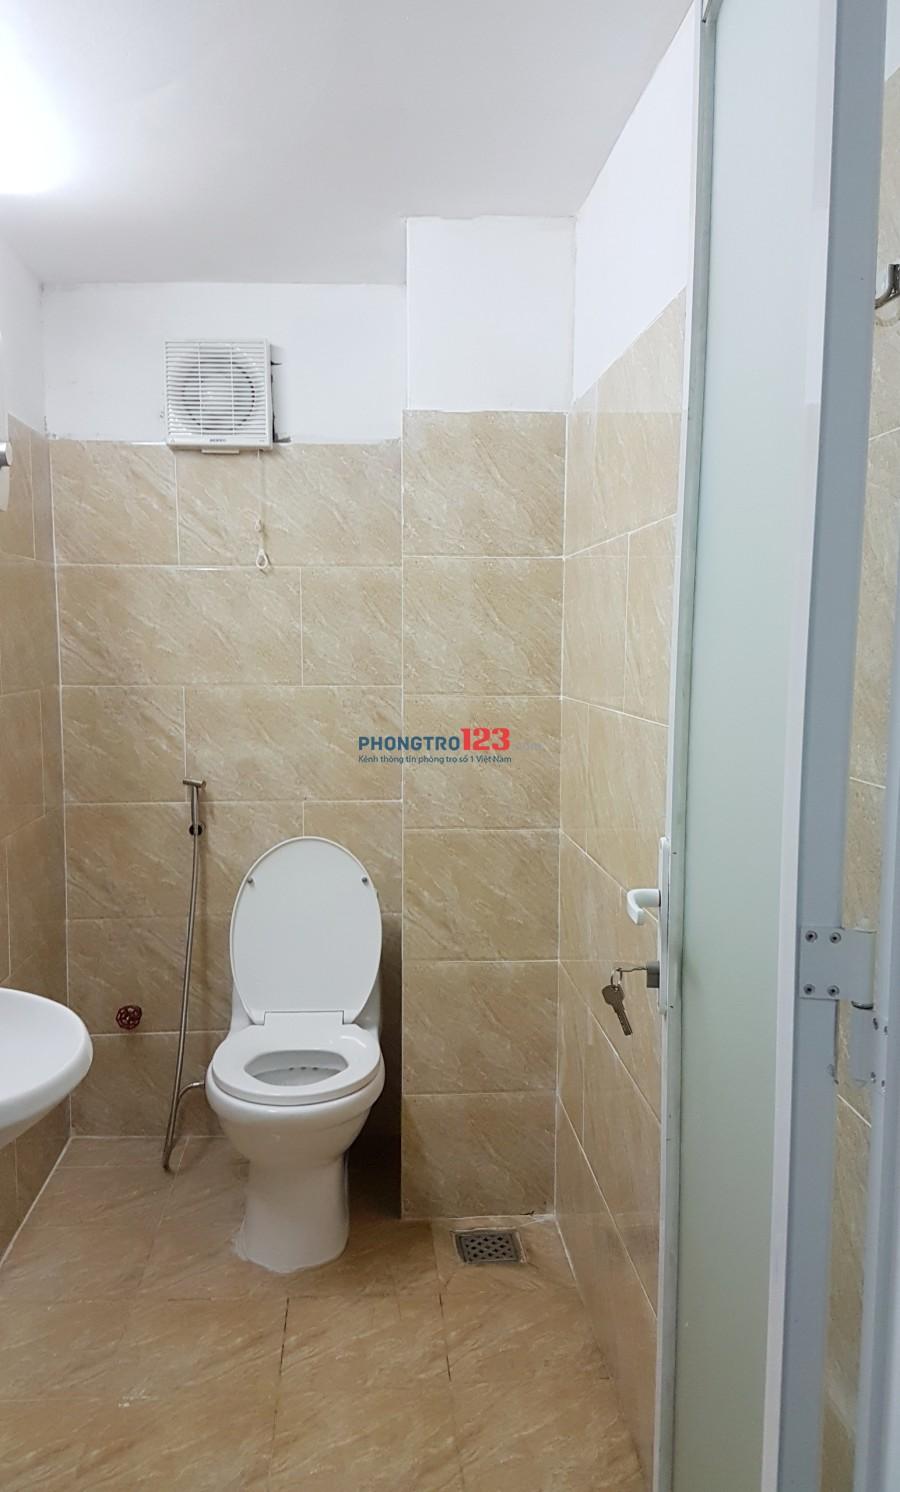 Cho thuê phòng đầy đủ nội thất chuẩn khách sạn tại 783/5 Hoàng Sa, P.9, Q.3. Giá từ 6.5tr/tháng